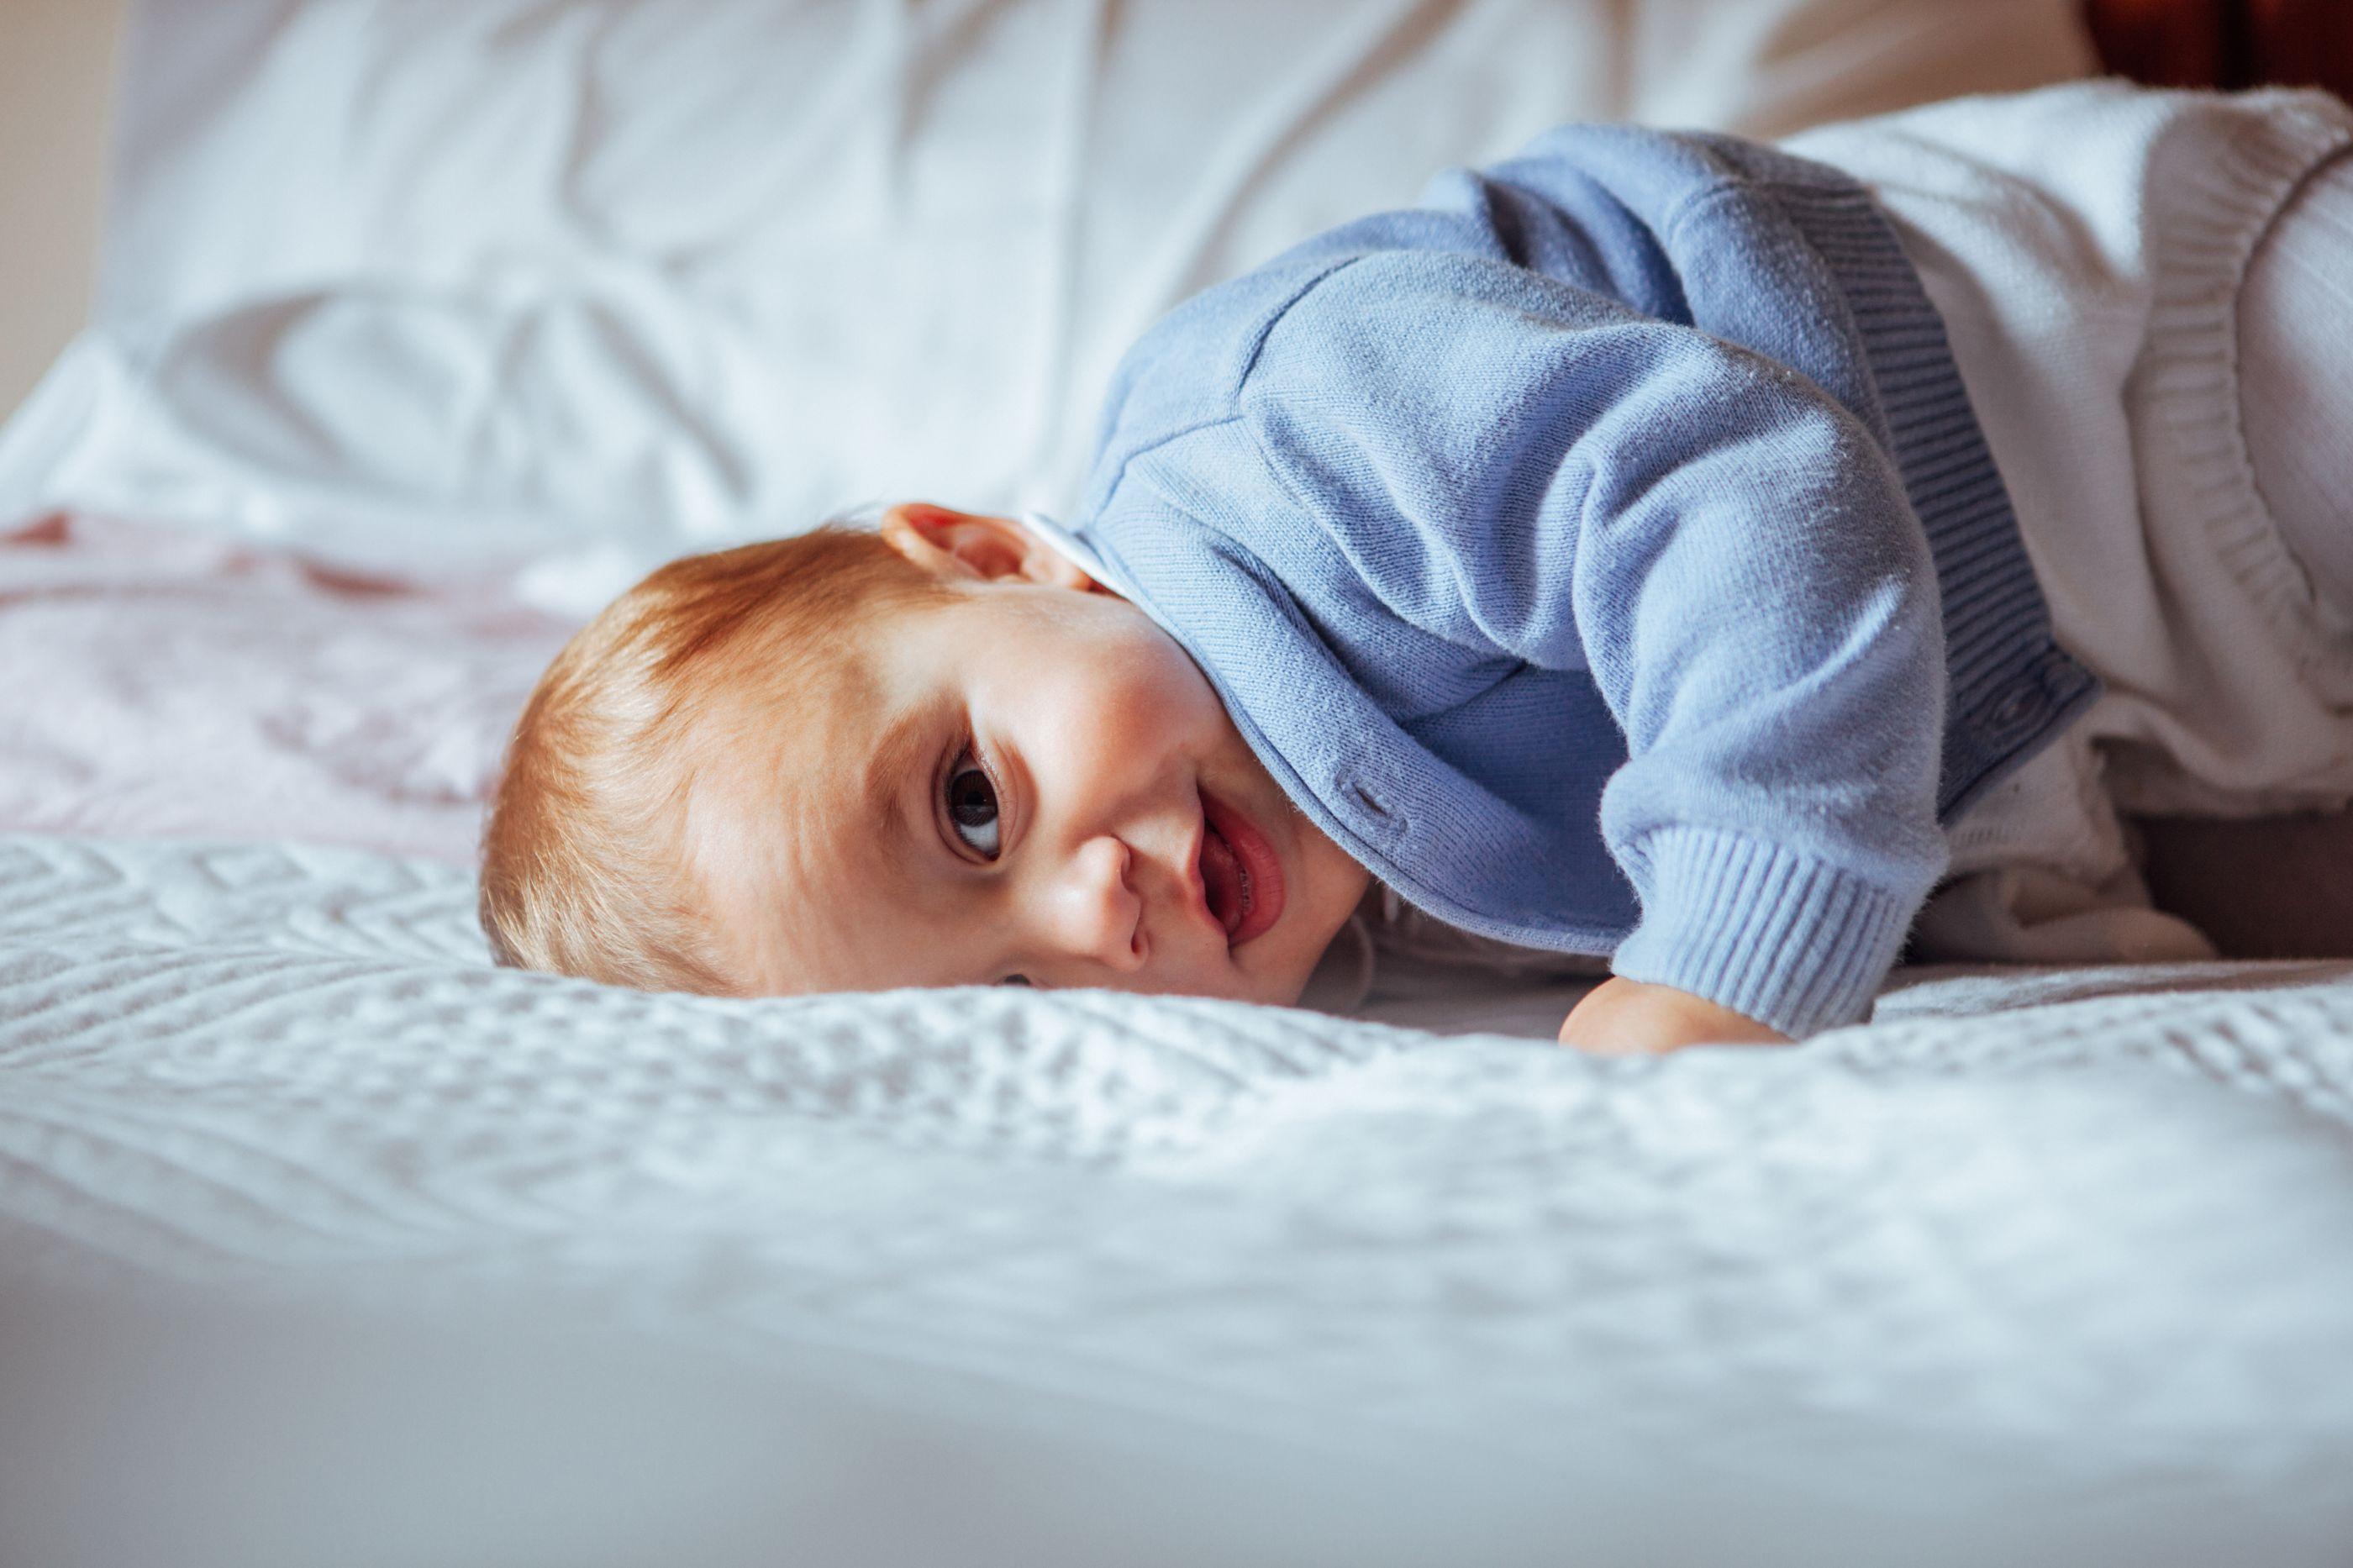 O que pode correr mal em bebés geneticamente modificados?